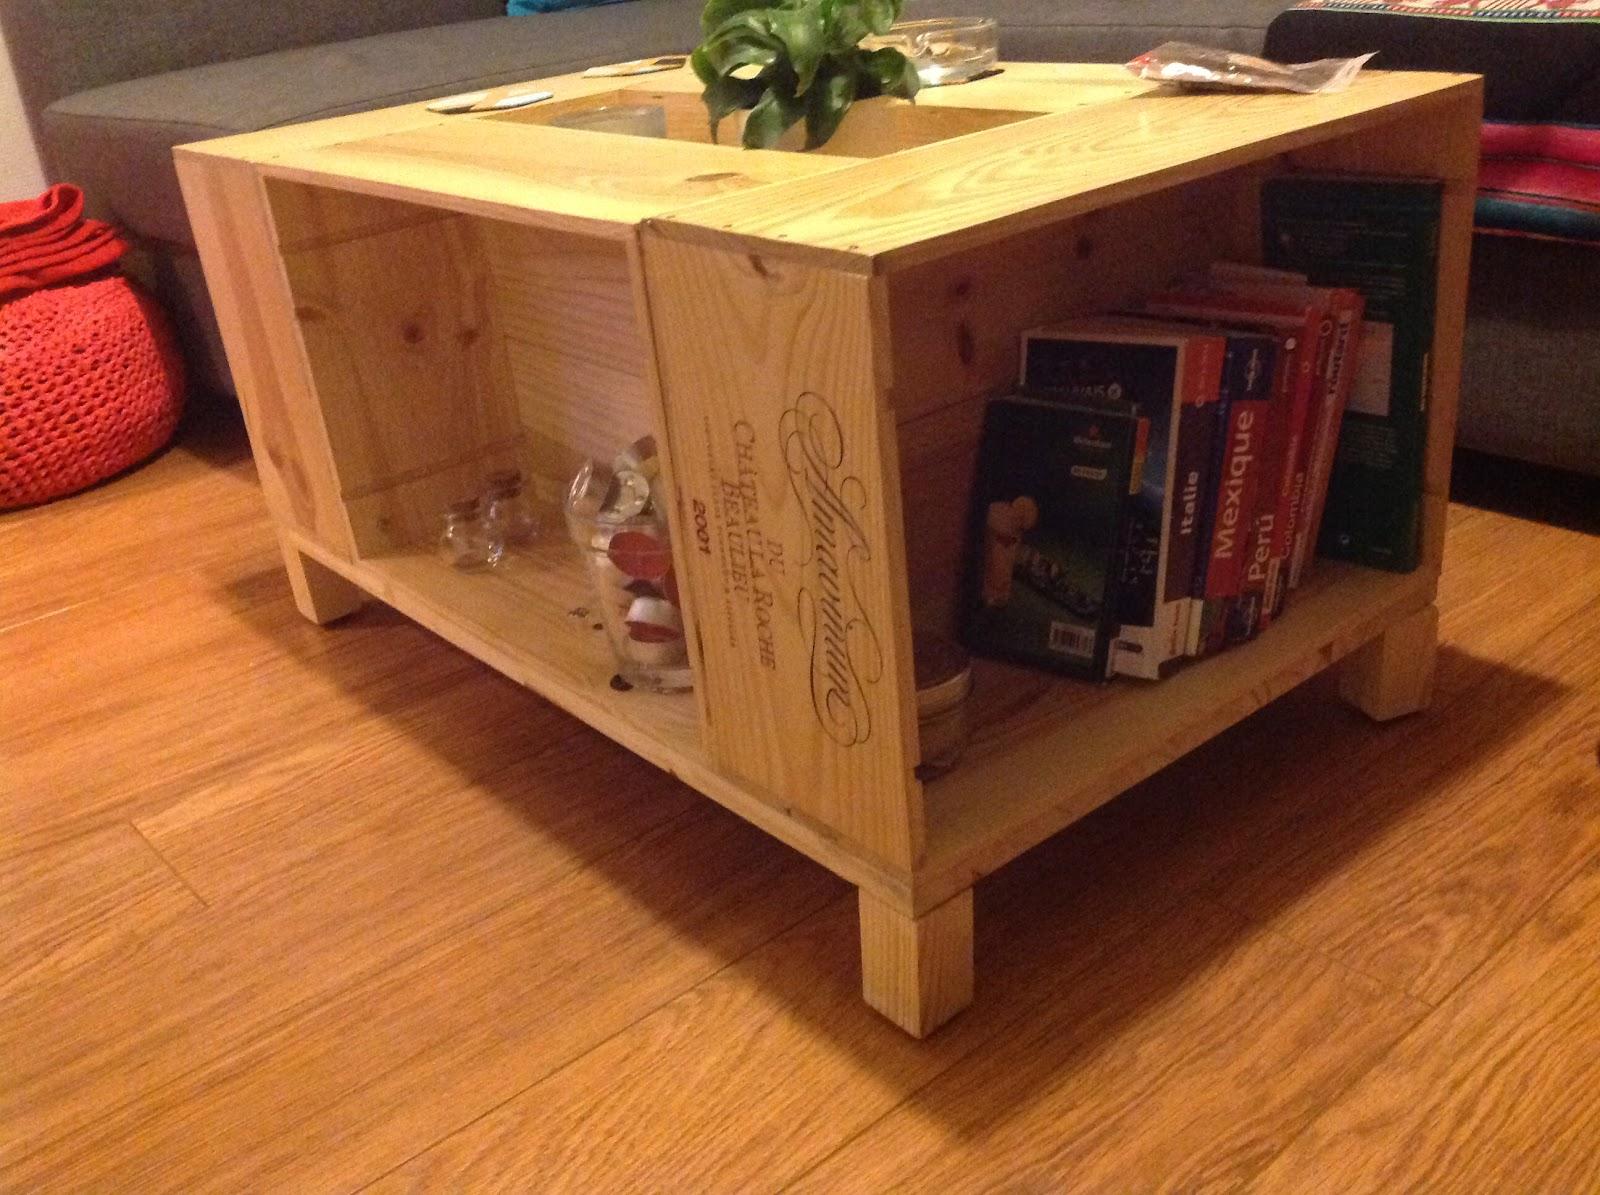 La rosa rose caisses vin ou table basse - Table basse avec des caisses en bois ...